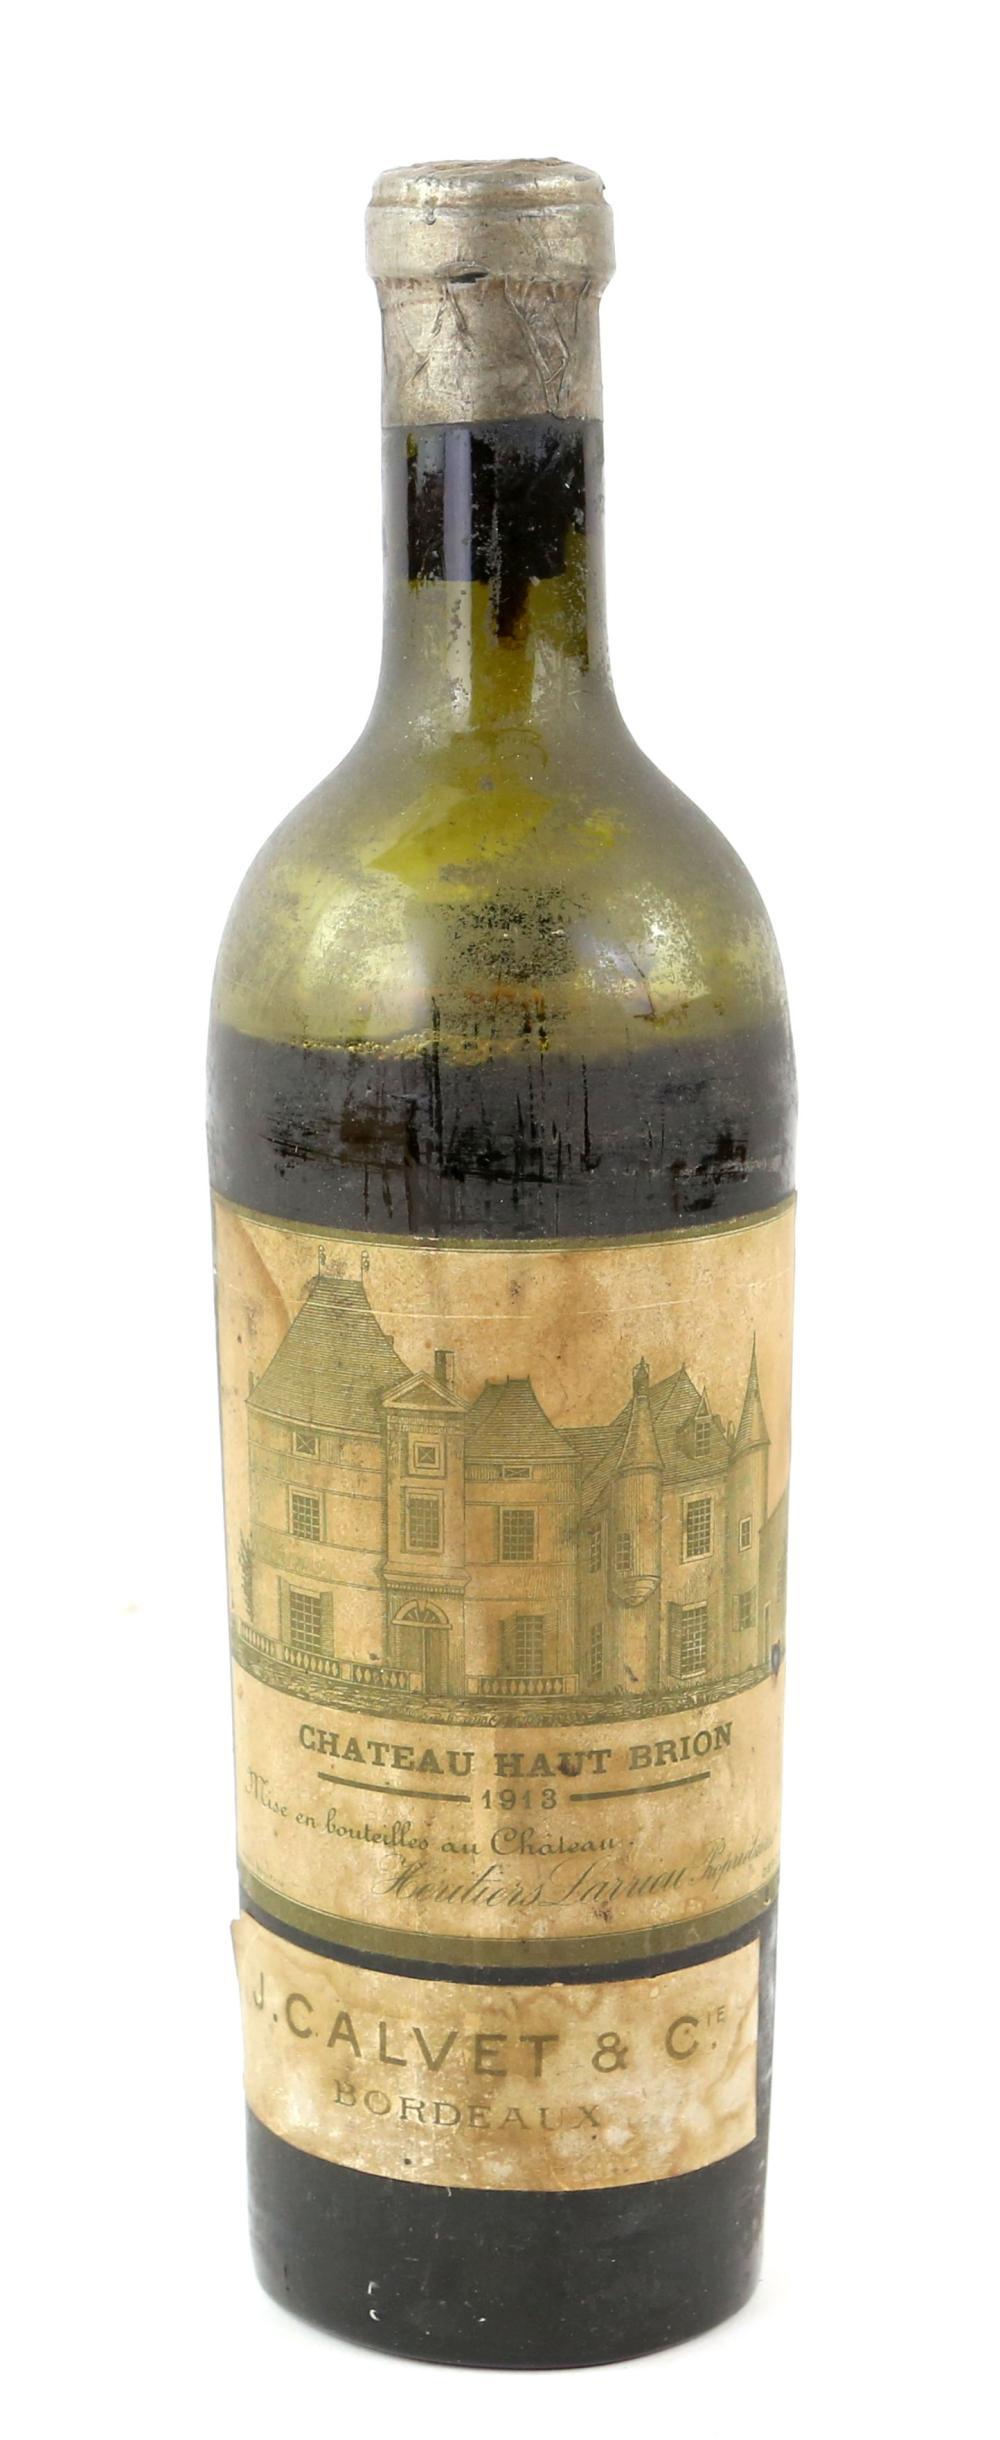 One bottle of 1913 vintage Chateau Haut Brion Bord